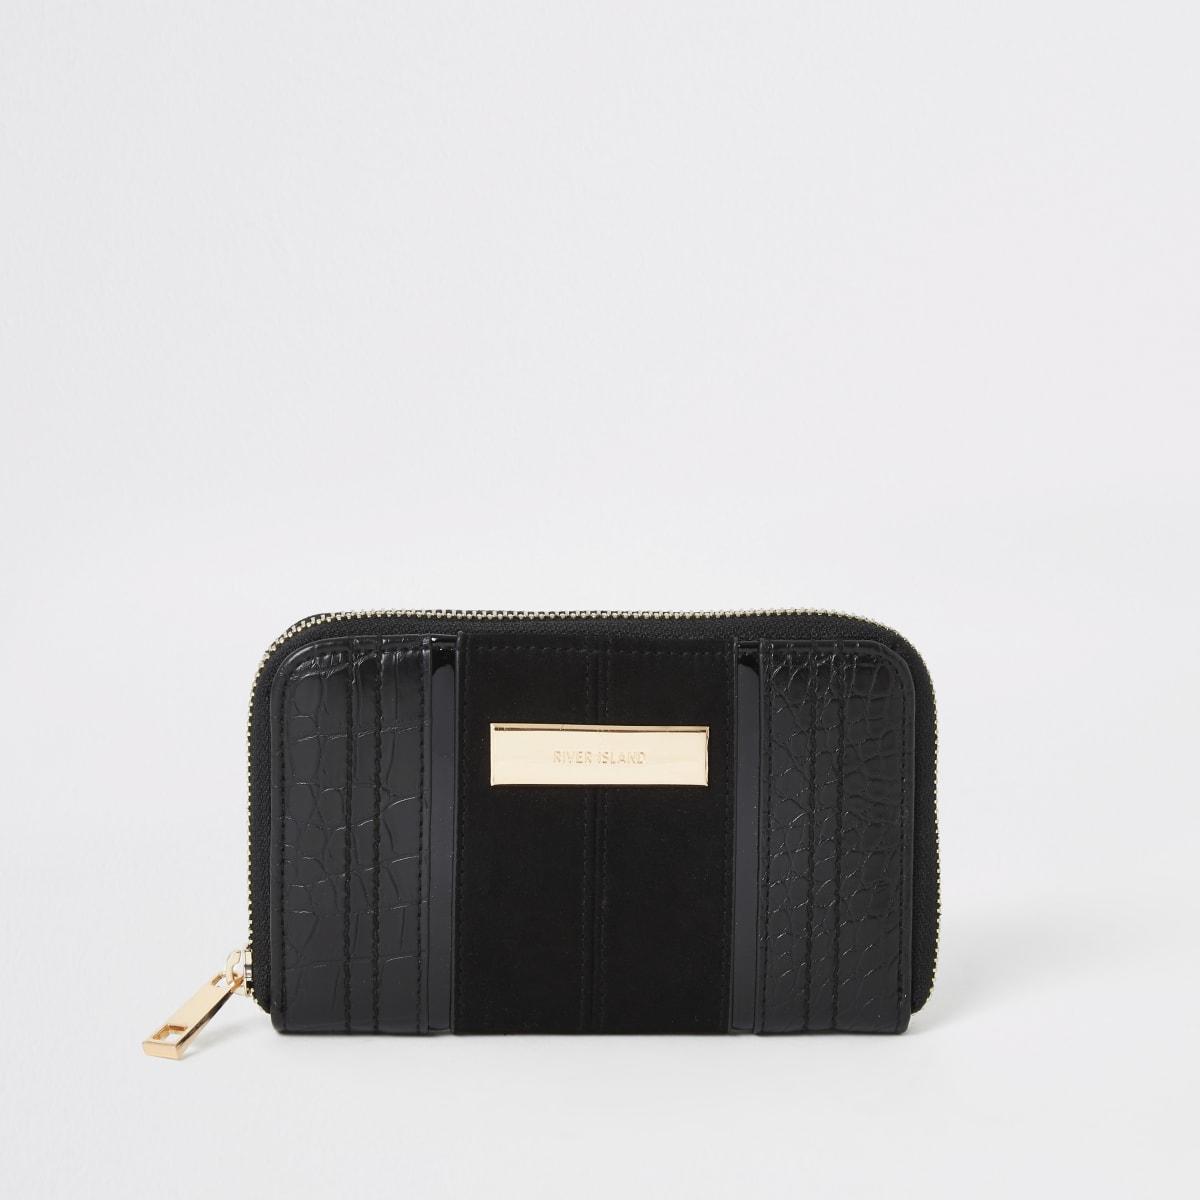 Zwarte kleine portemonnee met rits rondom en krokodillenprint in reliëf